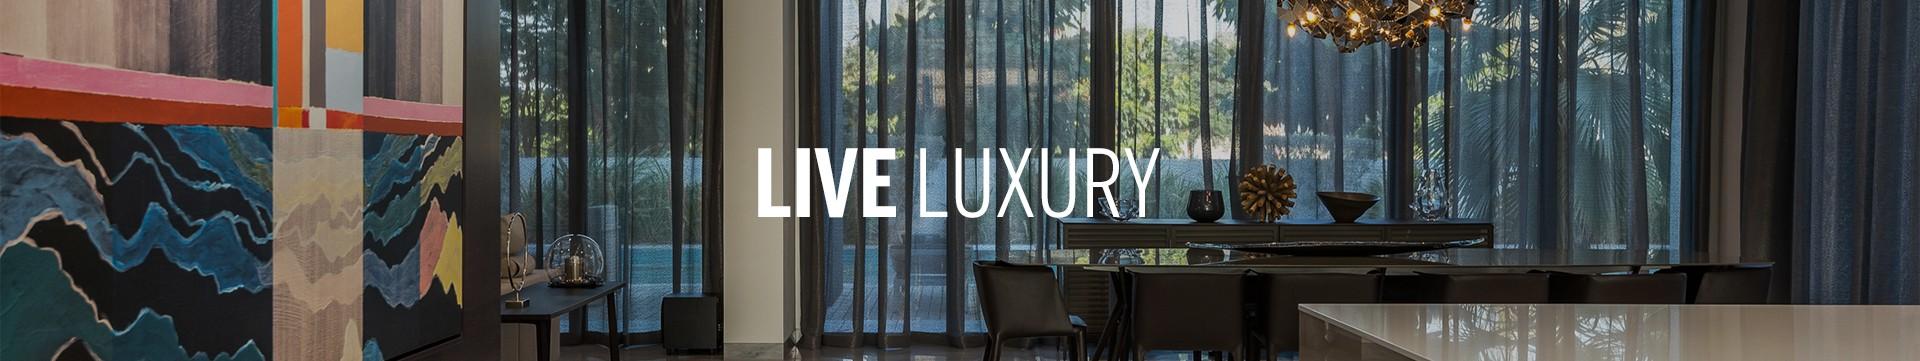 Live Luxury